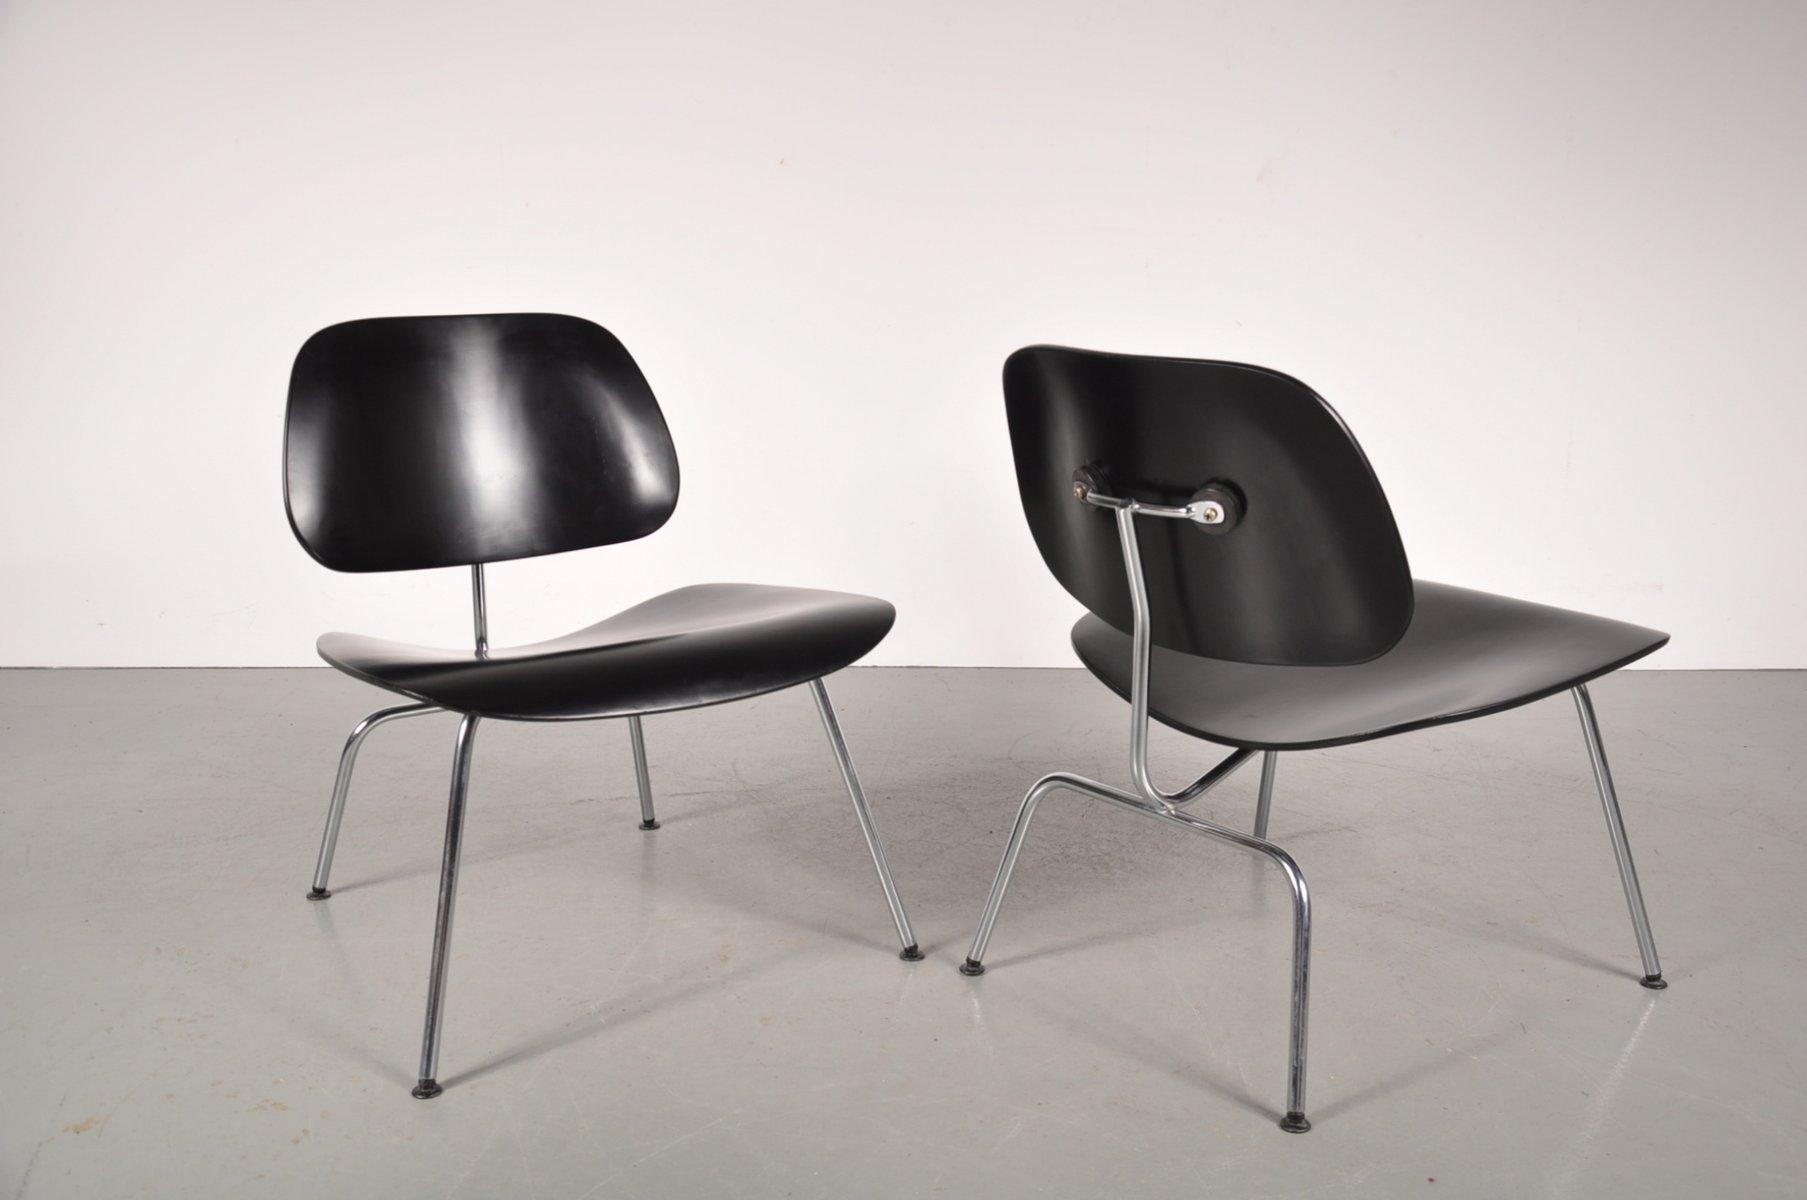 stuhl aus verchromten metall und sperrholz von charles. Black Bedroom Furniture Sets. Home Design Ideas